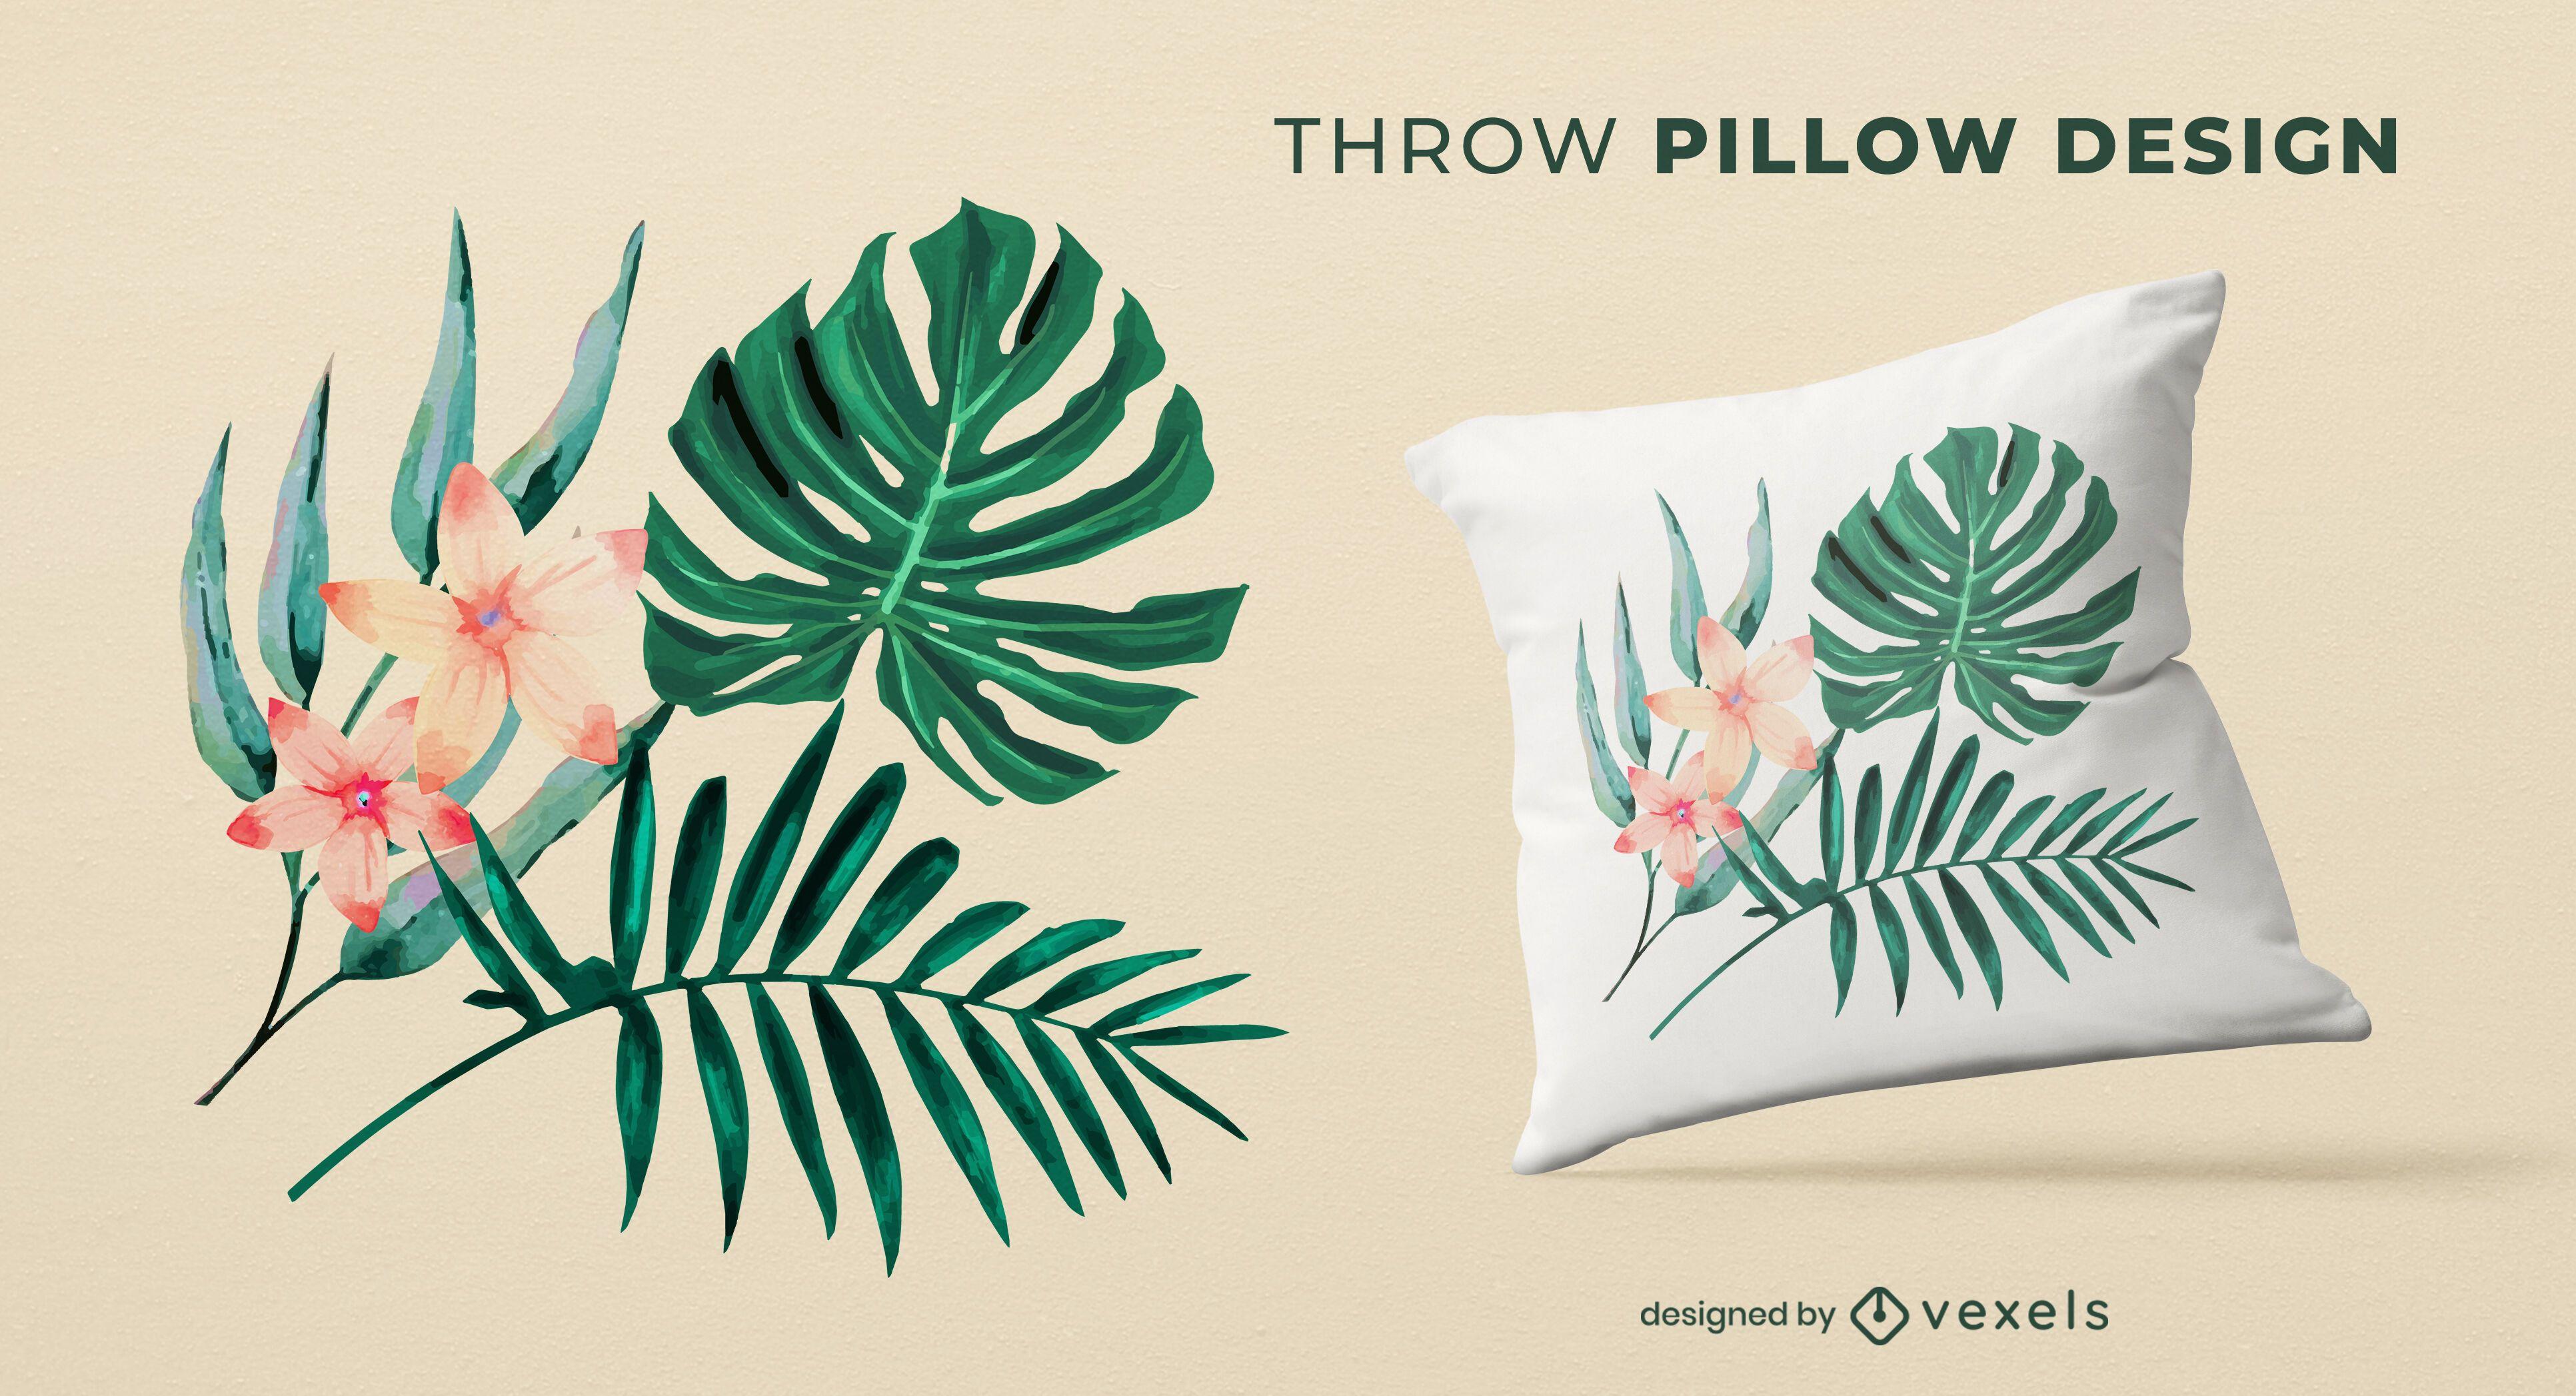 Diseño de almohada de tiro de hojas tropicales.